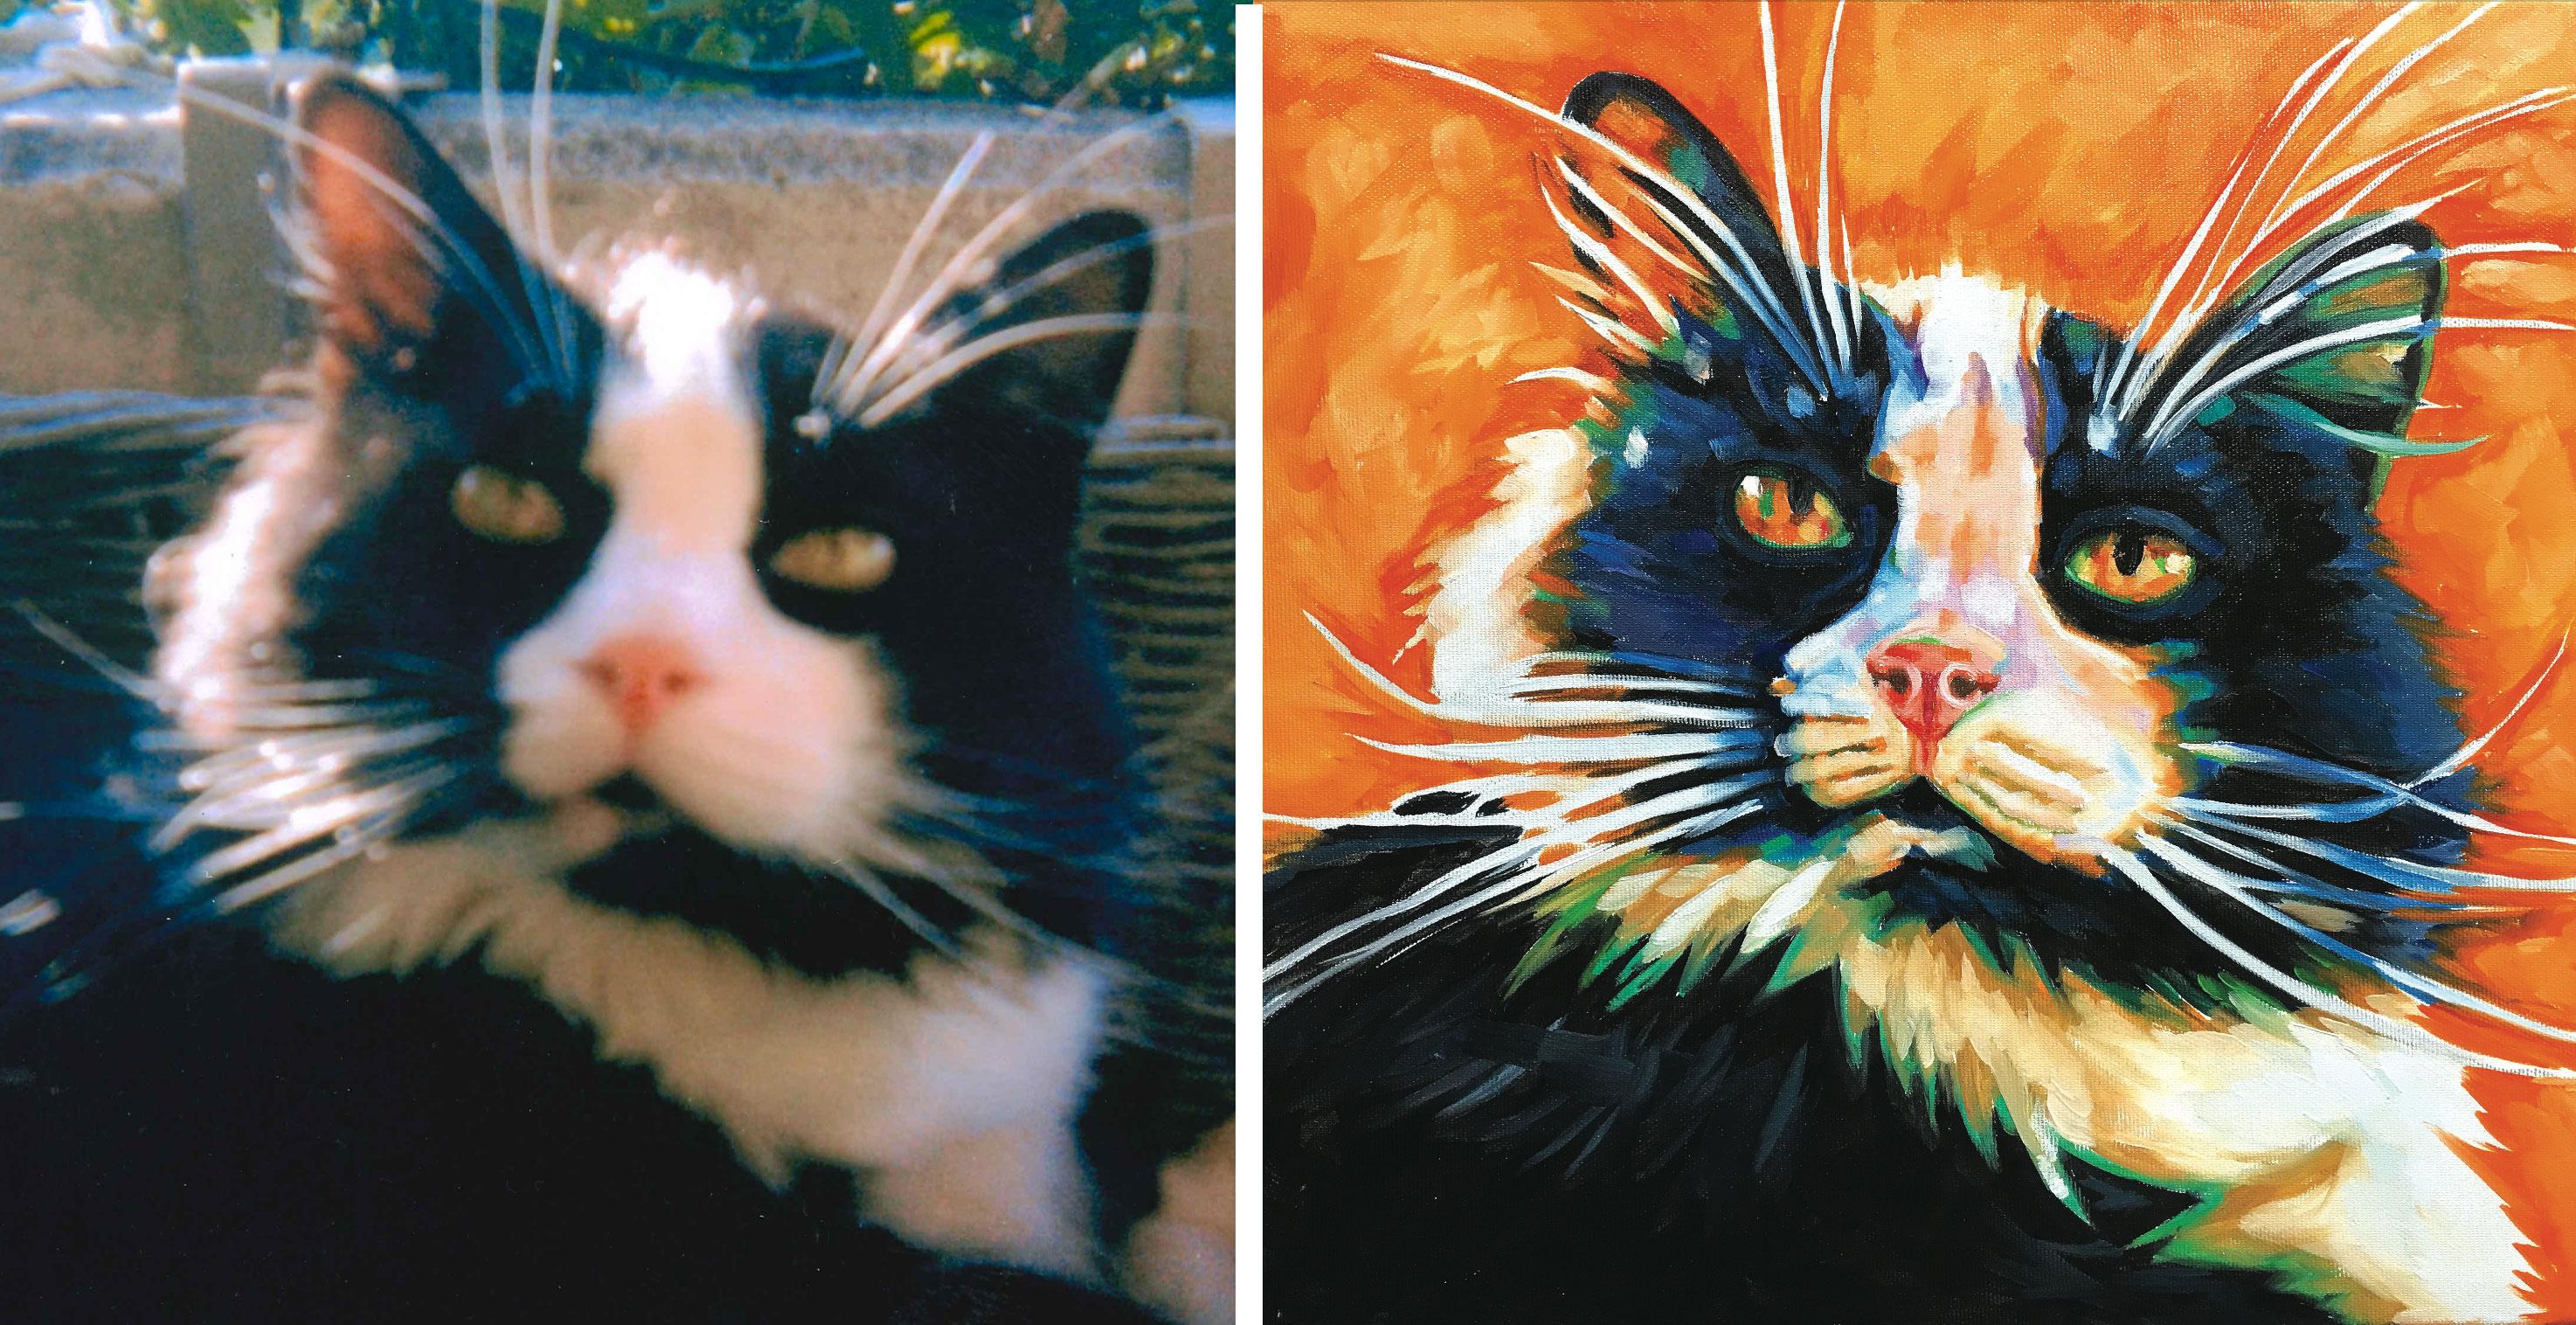 ritratto-di-gatti-su-commissione-opera-d-arte-idea-regalo